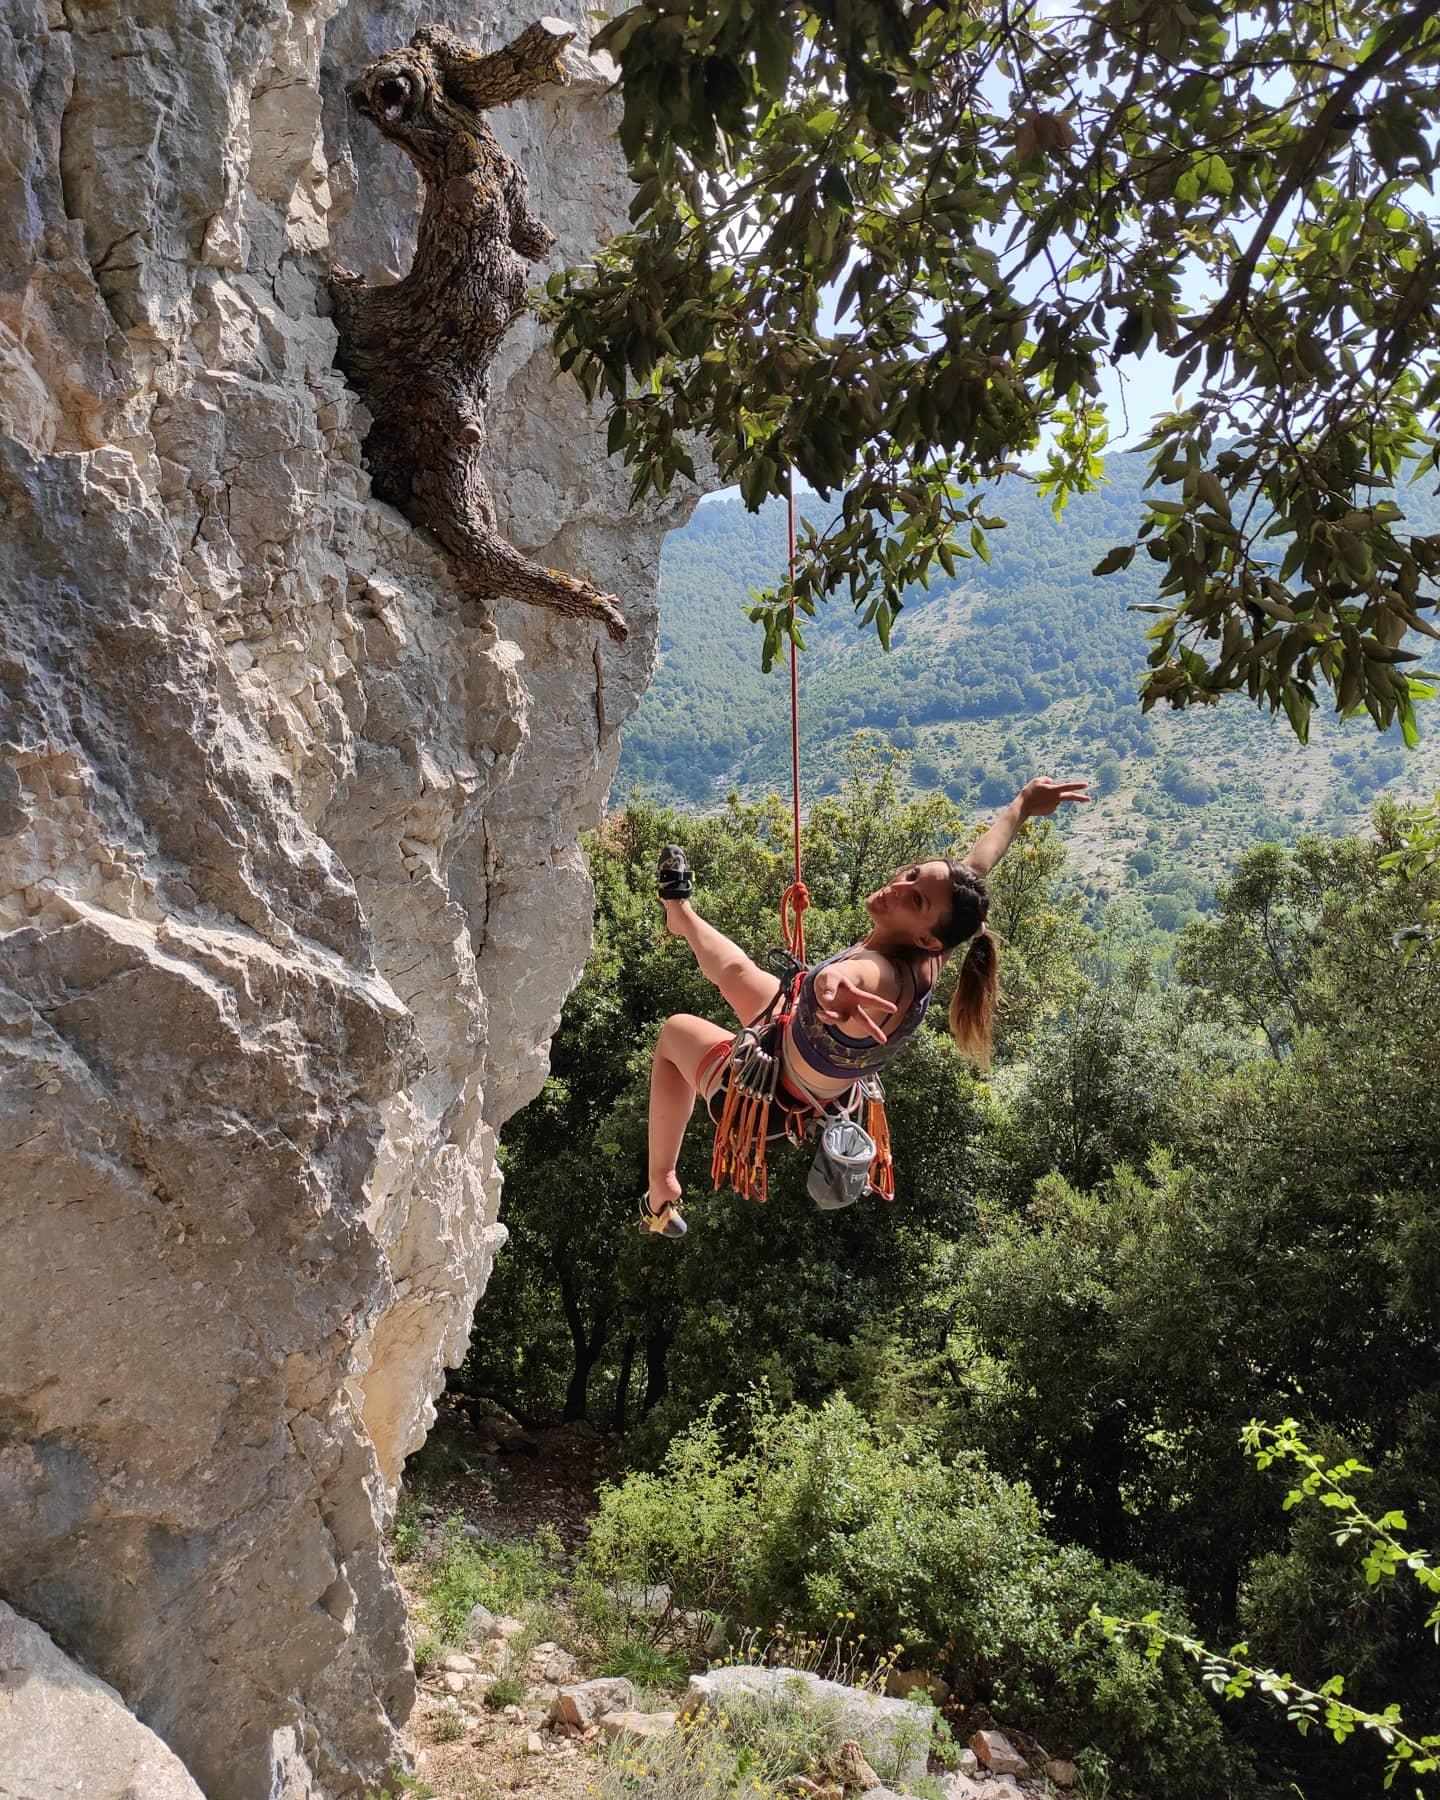 Uomo scala falesia con attrezzi per il climbing